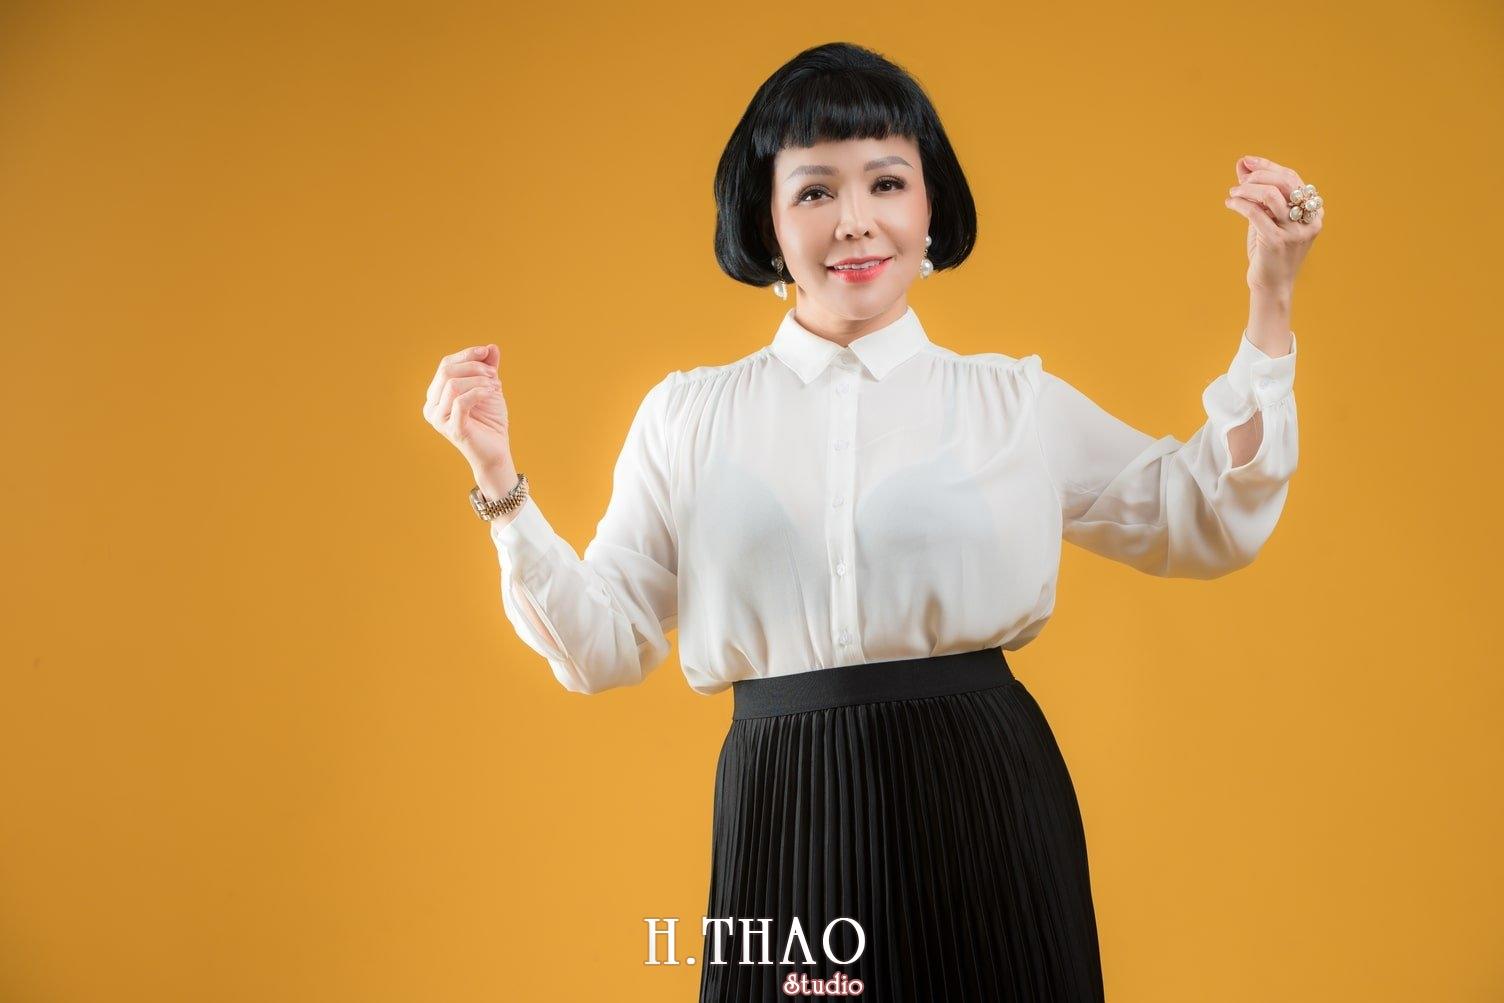 Doanh nhan dao tao 25 - Album nữ doanh nhân ngành đào tạo giải pháp Hoàng Dung